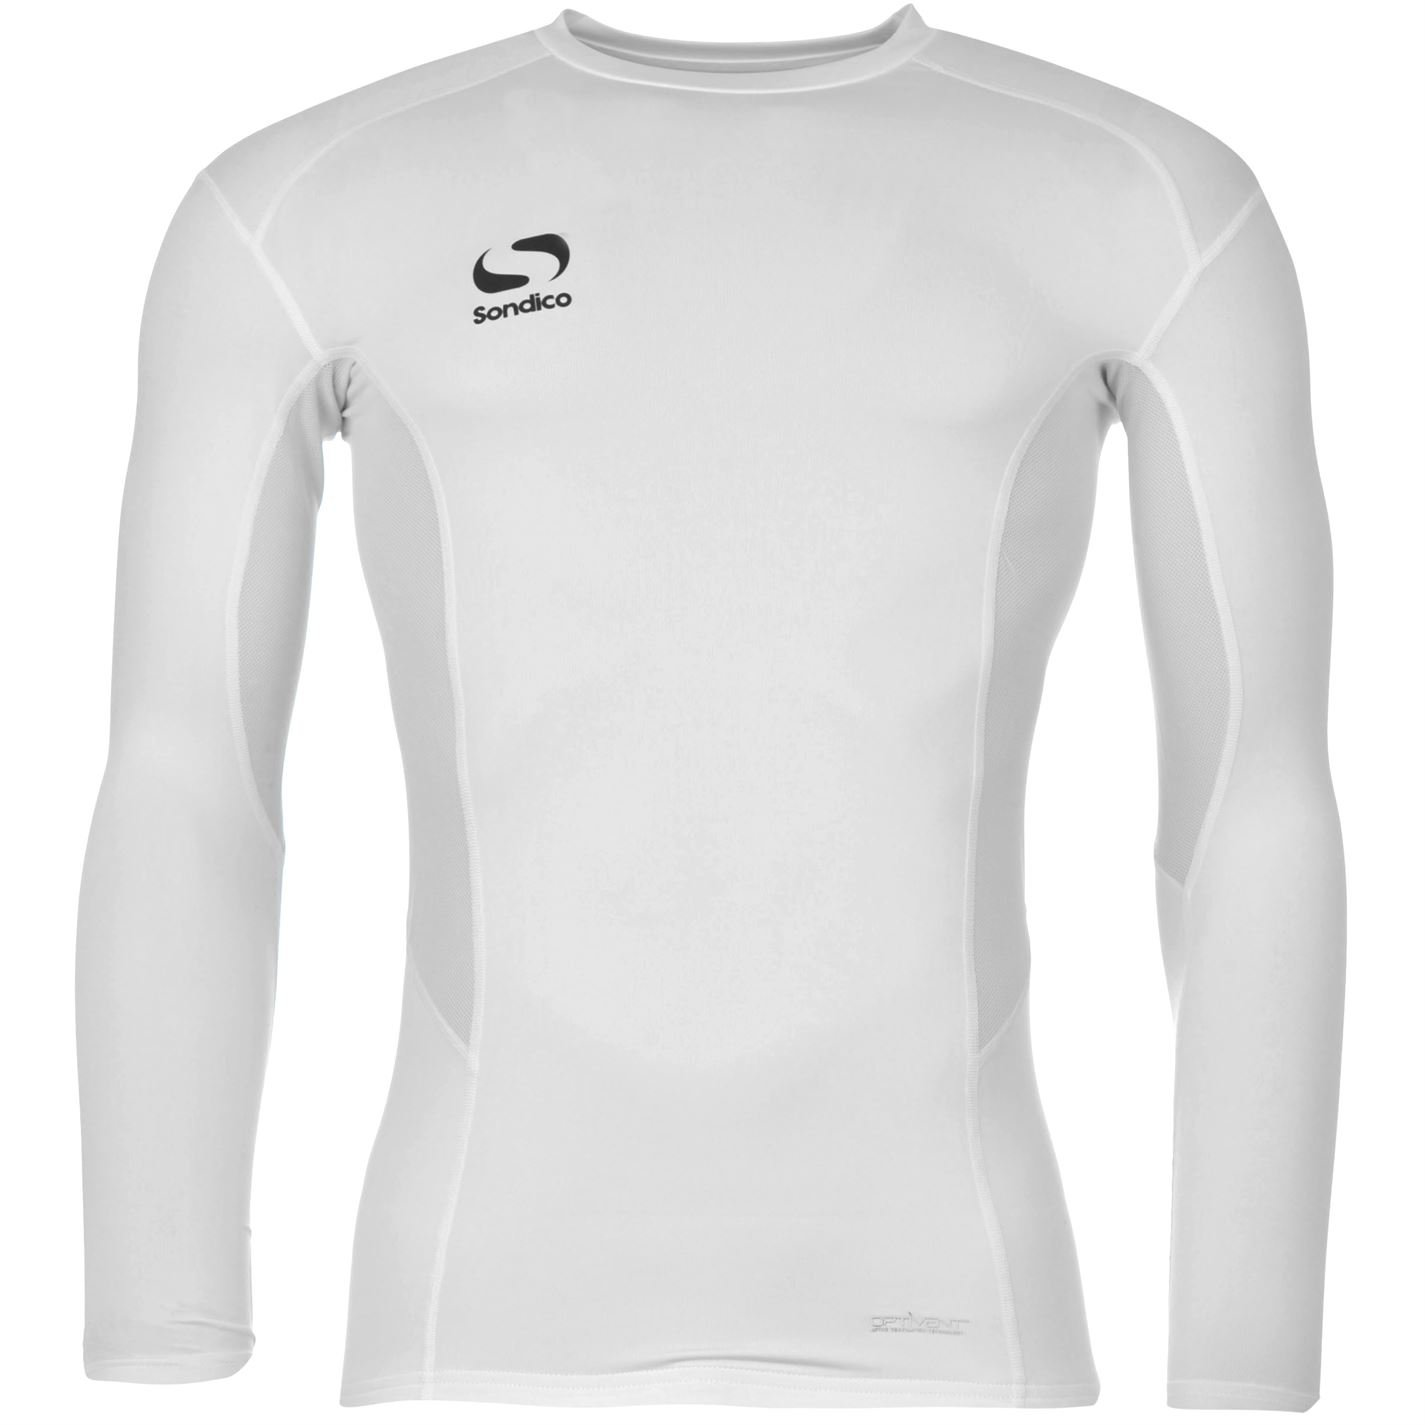 Sondico Mens Base Core Long Sleeve Base Layer Top Long Sleeve Sport Sweatshirt